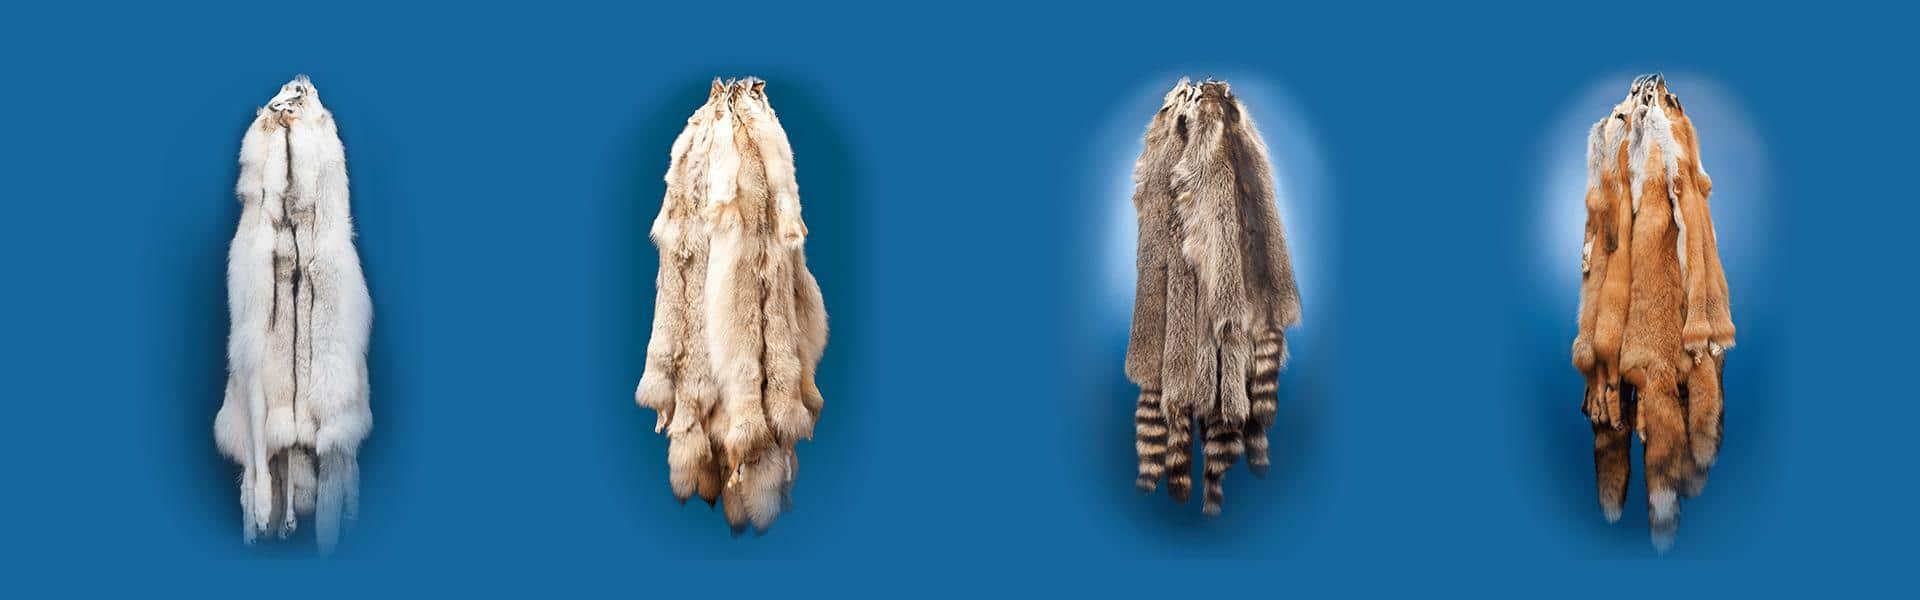 Fur Hides Slide Show Image